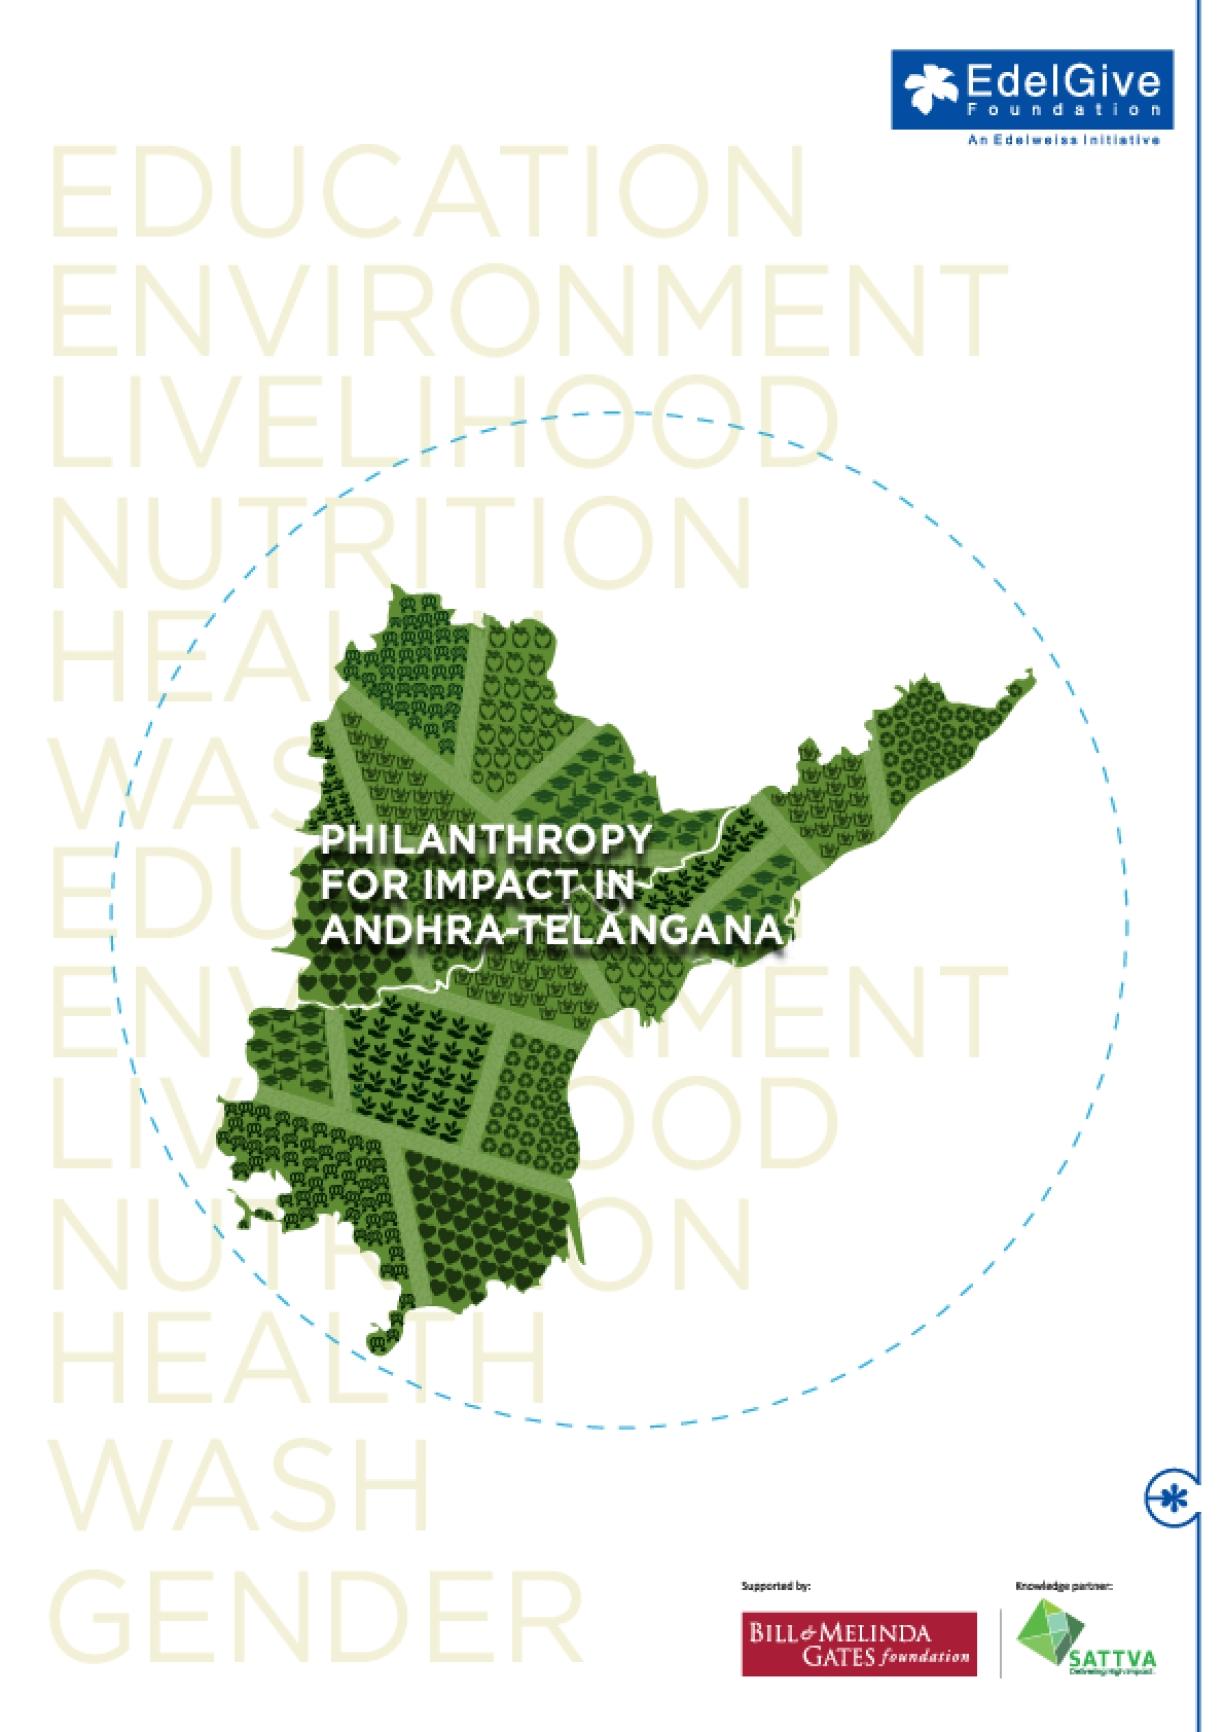 Philanthropy for Impact in Andhra-Telangana